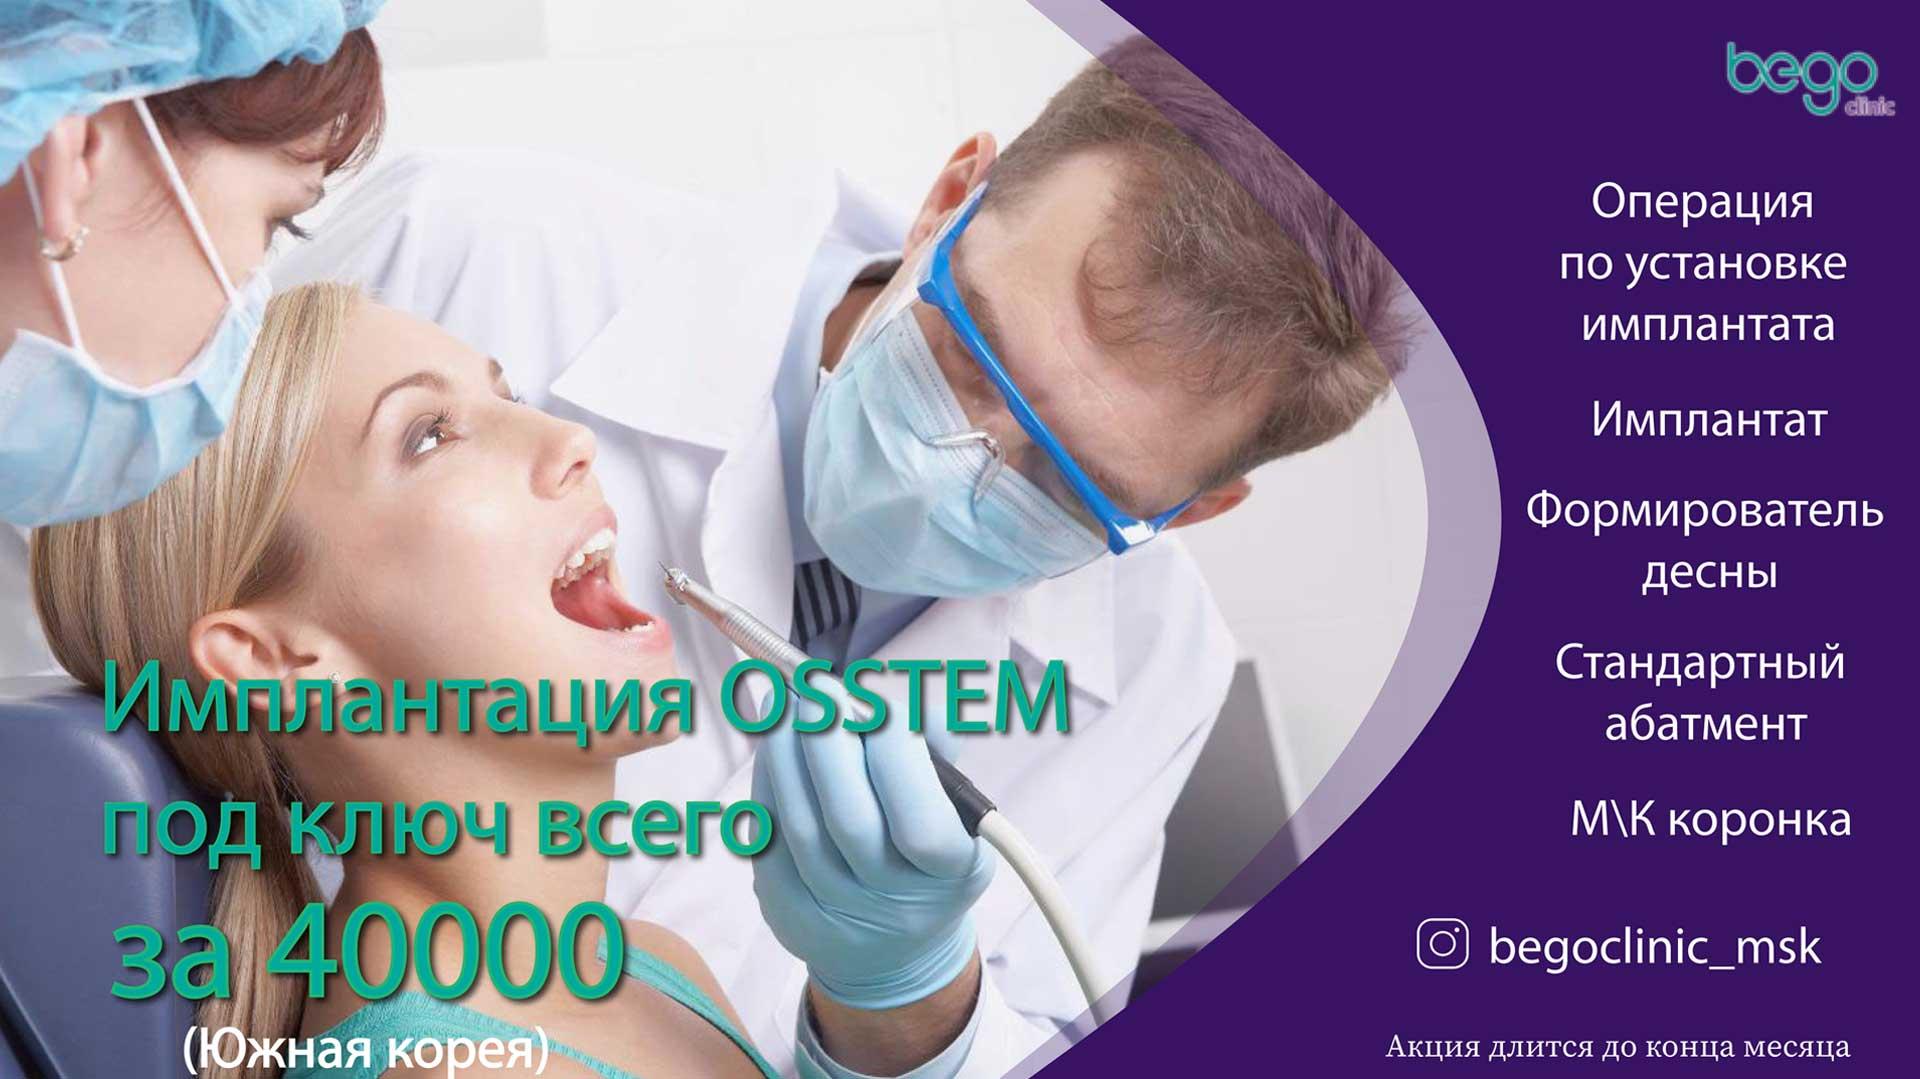 Имплантация под ключ за 40000 рублей